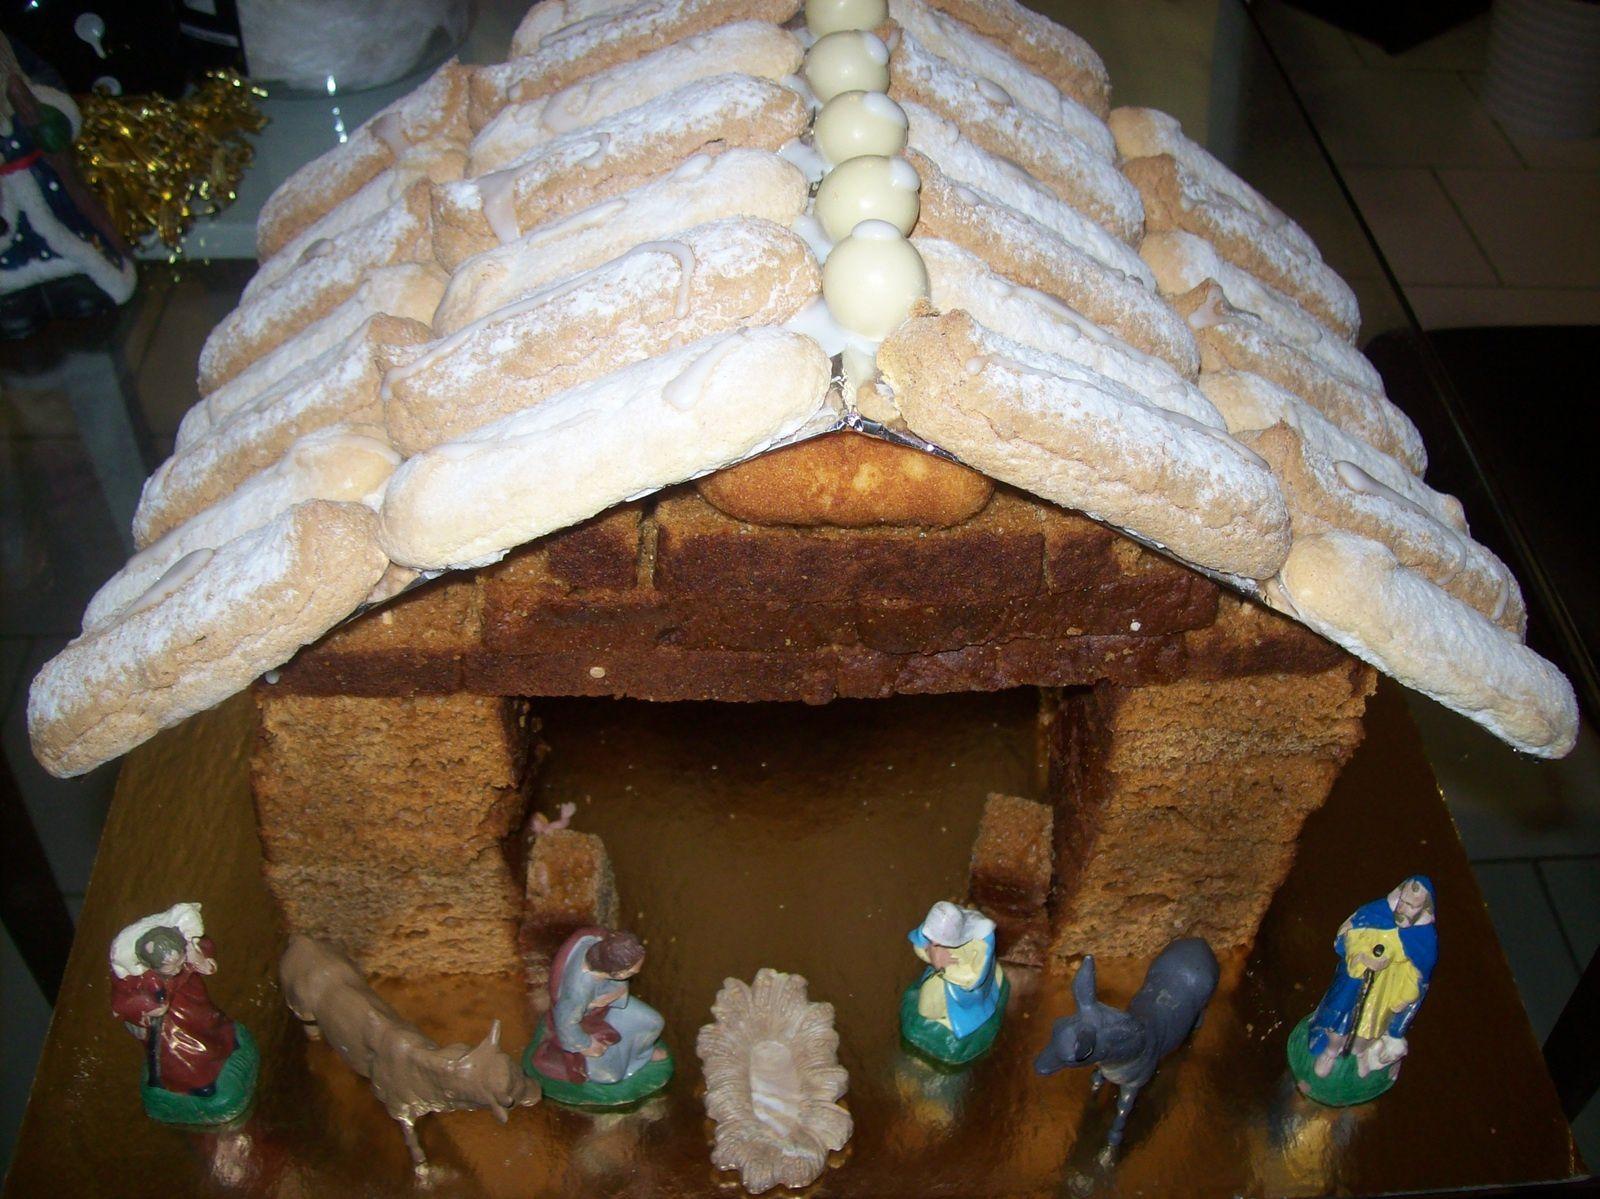 crèche Noel 2013 faites en pain d'épices et biscuits à la cuillère.